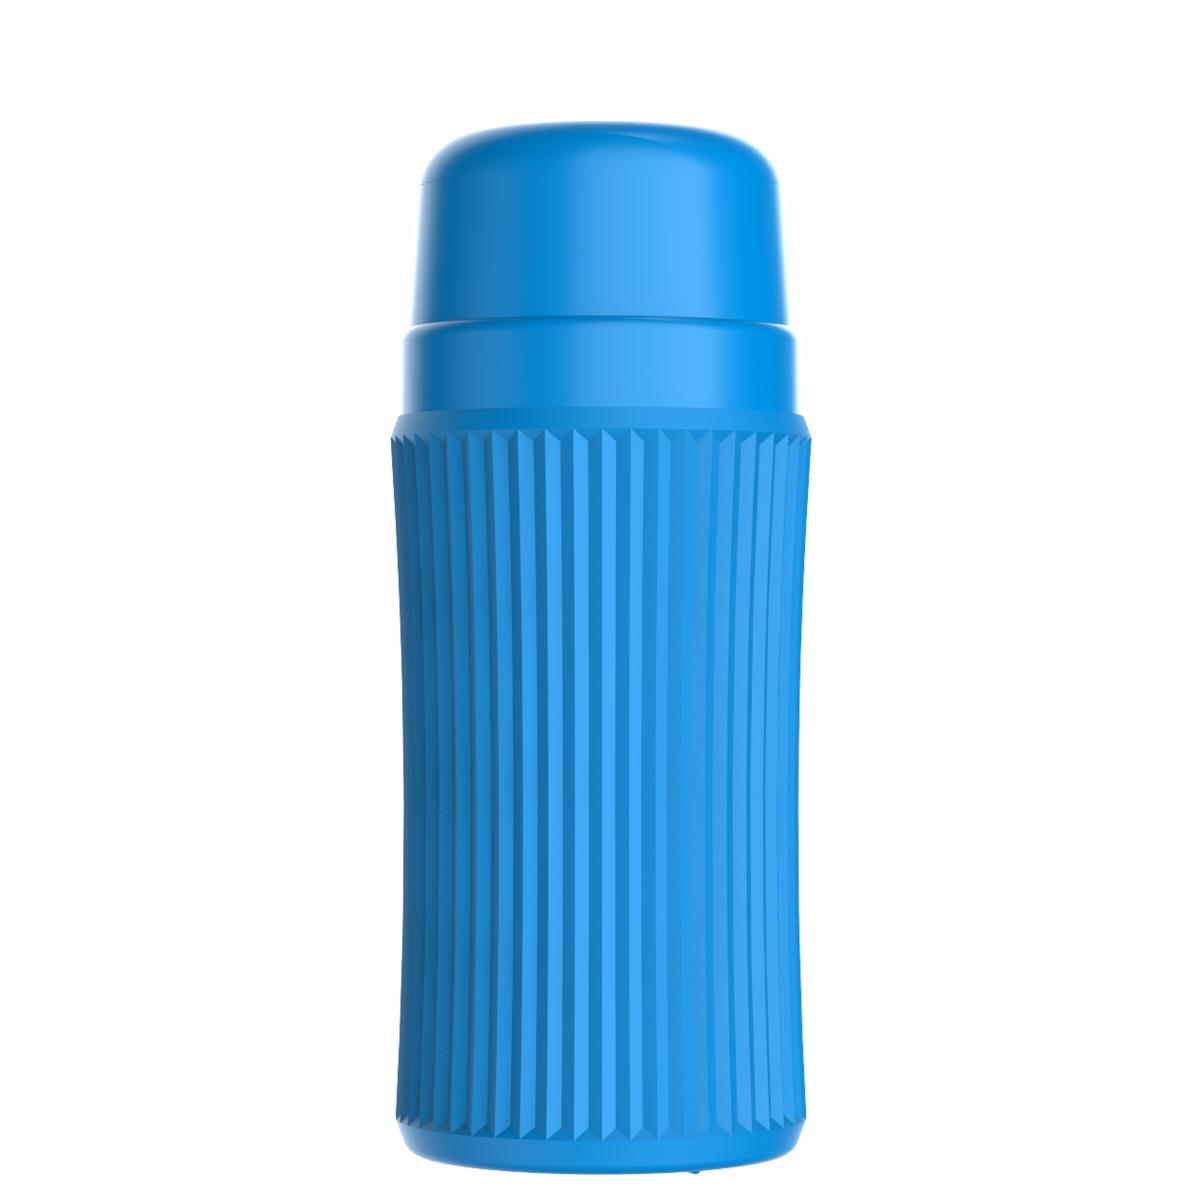 Minitermo Azul 300ml - Rolha Clean